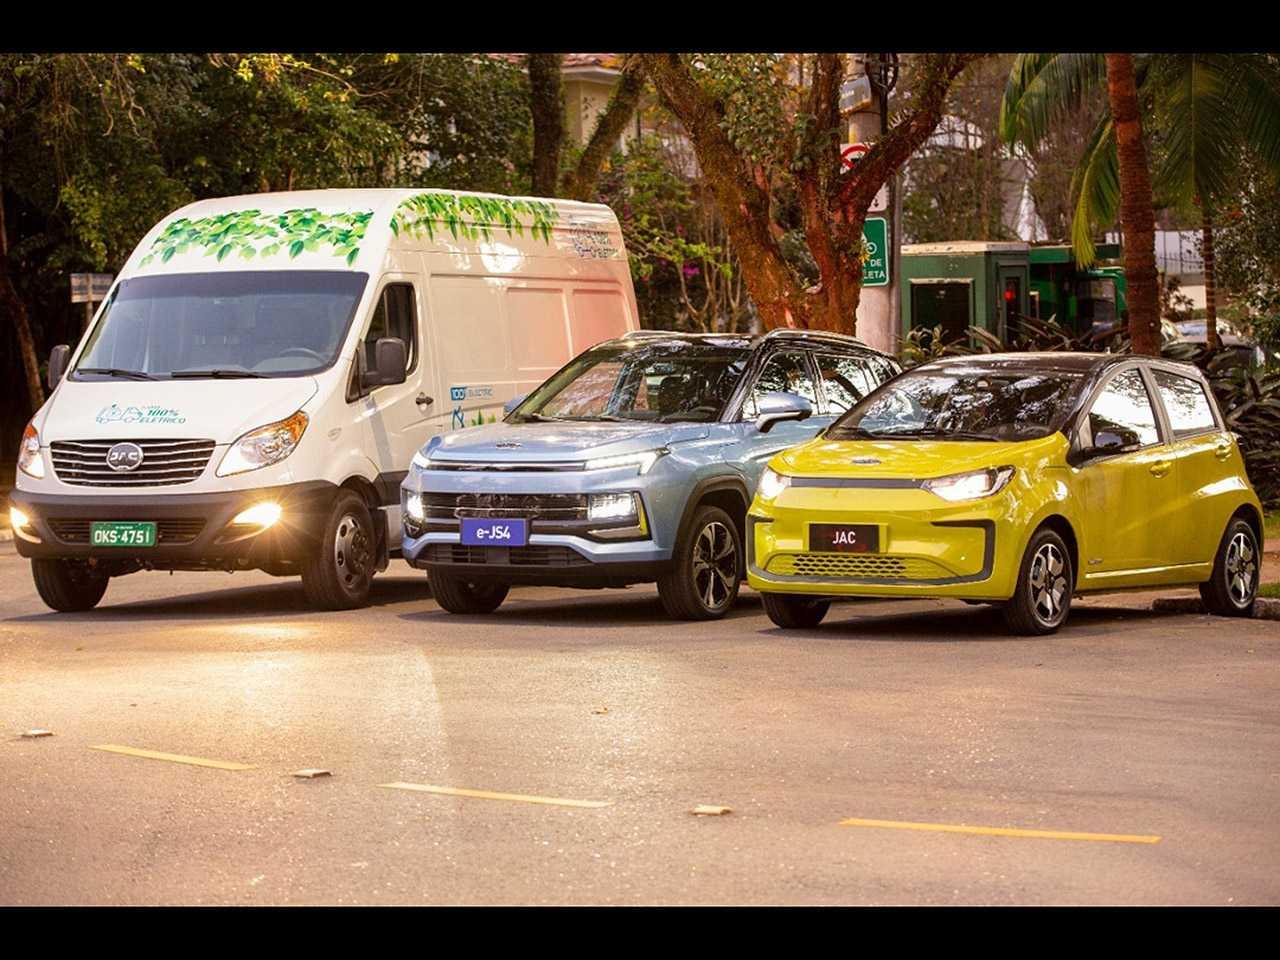 Novos elétricos da JAC no Brasil: van iEV 750V, o SUV médio E-JS4 e o compacto E-JS1